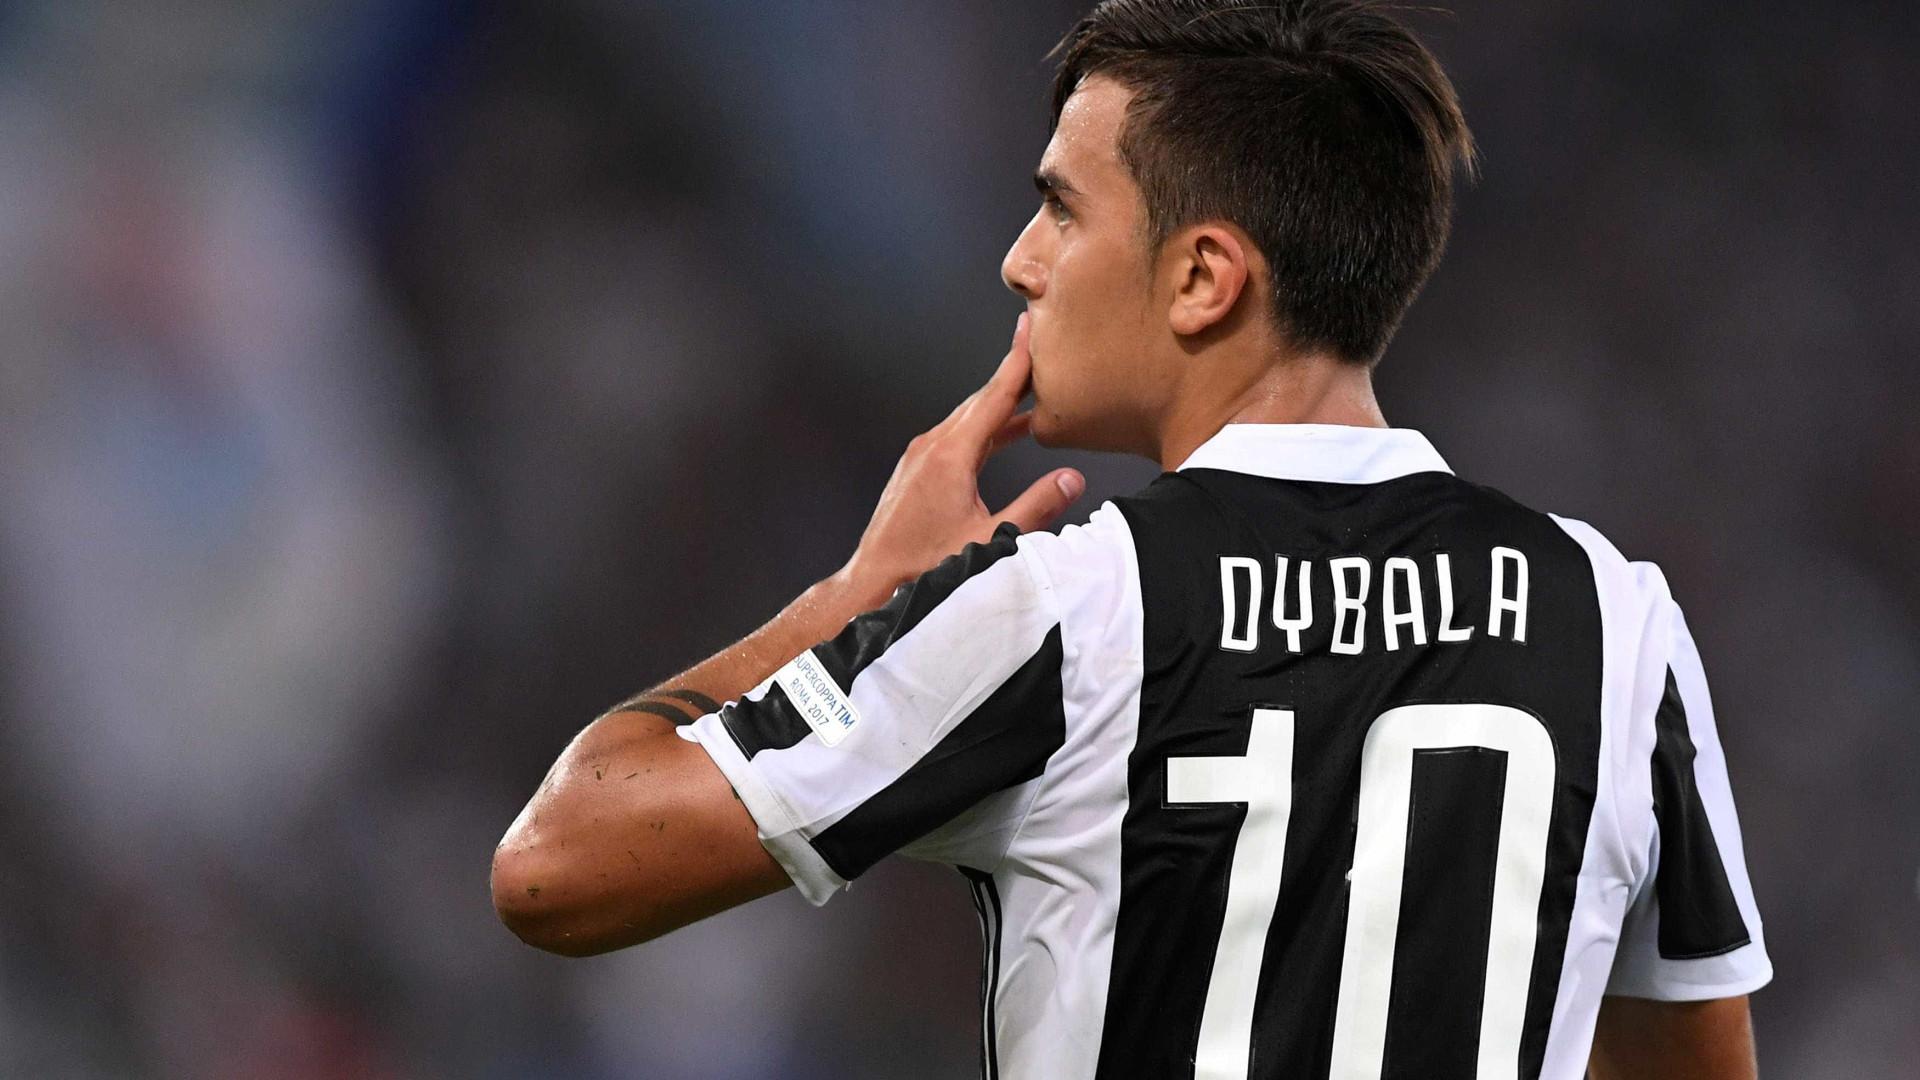 Esqueça o Neymar, Dybala pode tornar-se no jogador mais caro do mundo